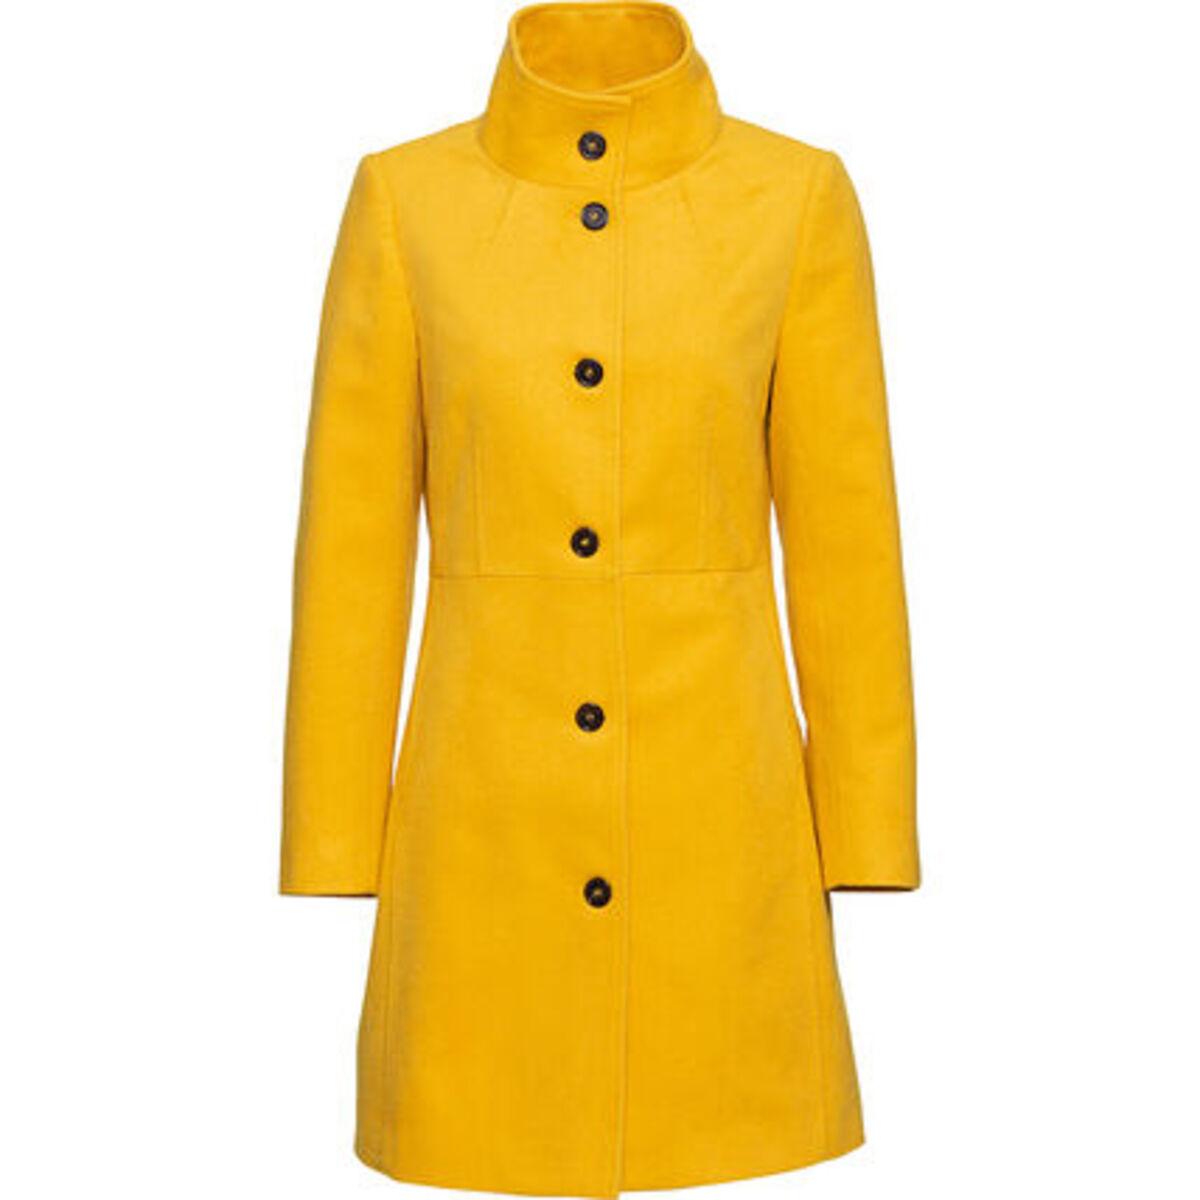 Bild 1 von manguun collection Mantel, geknöpft, taillierte Passform, für Damen